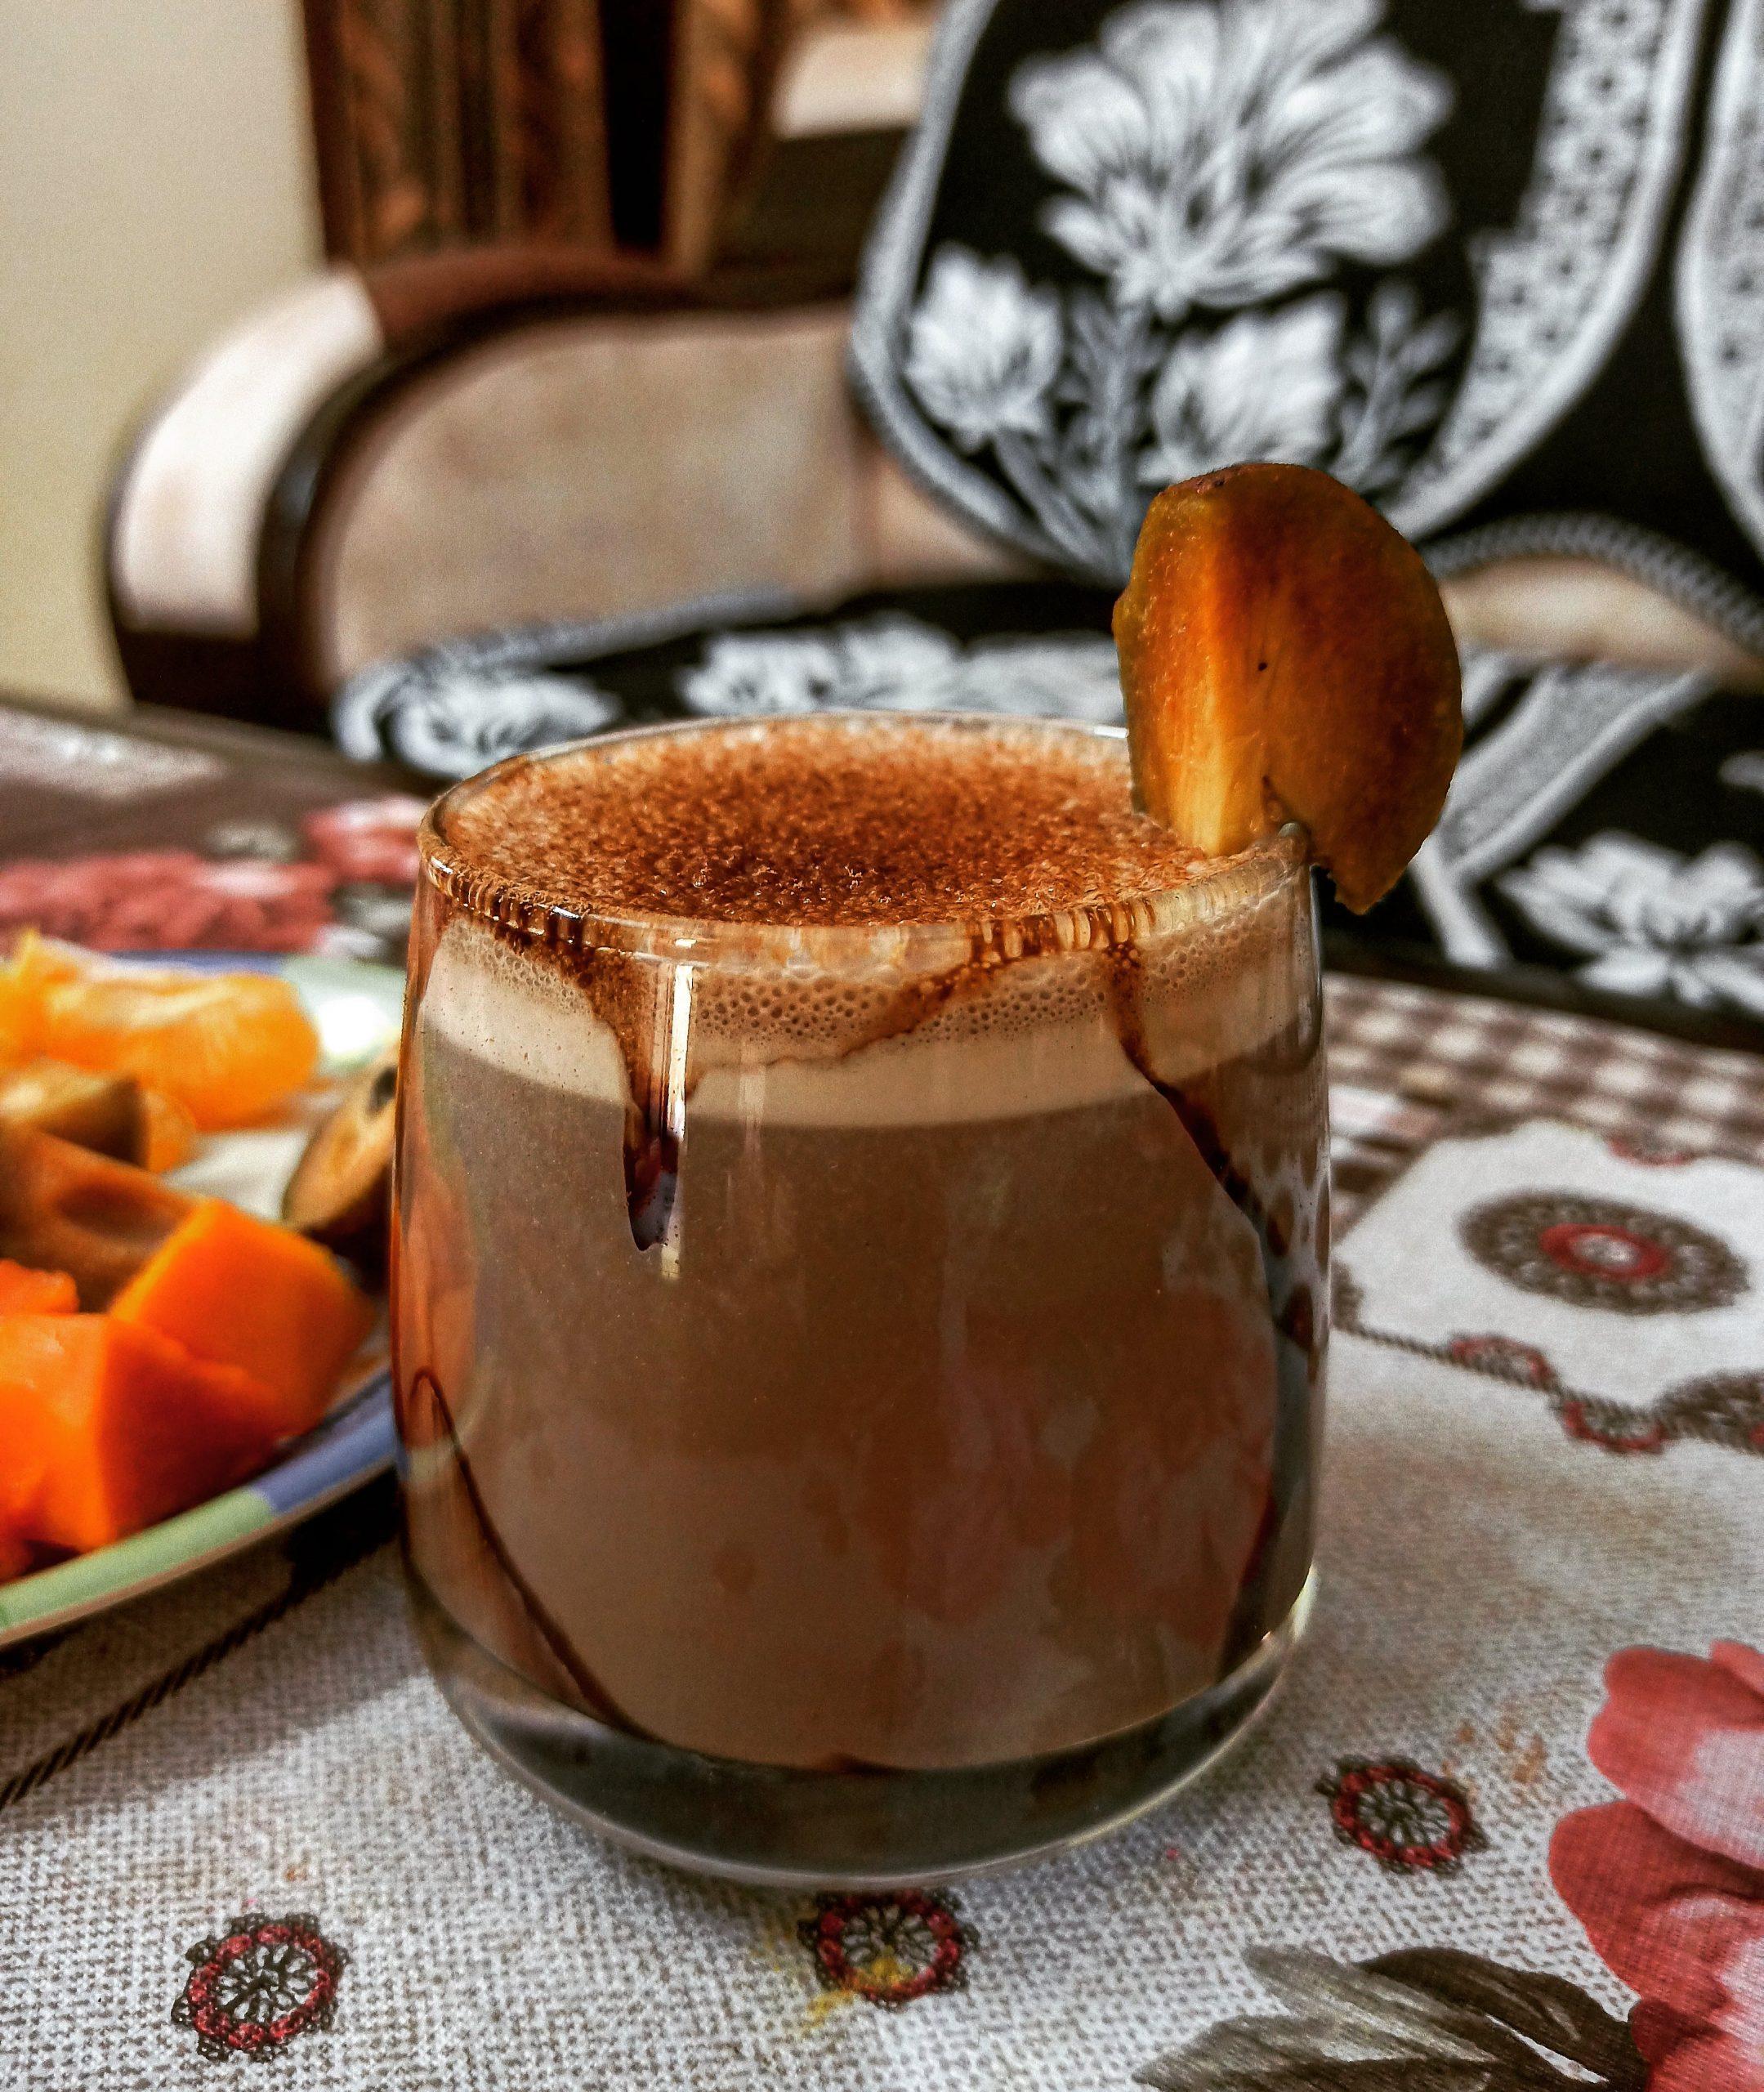 Chikoo chocolate milkshake